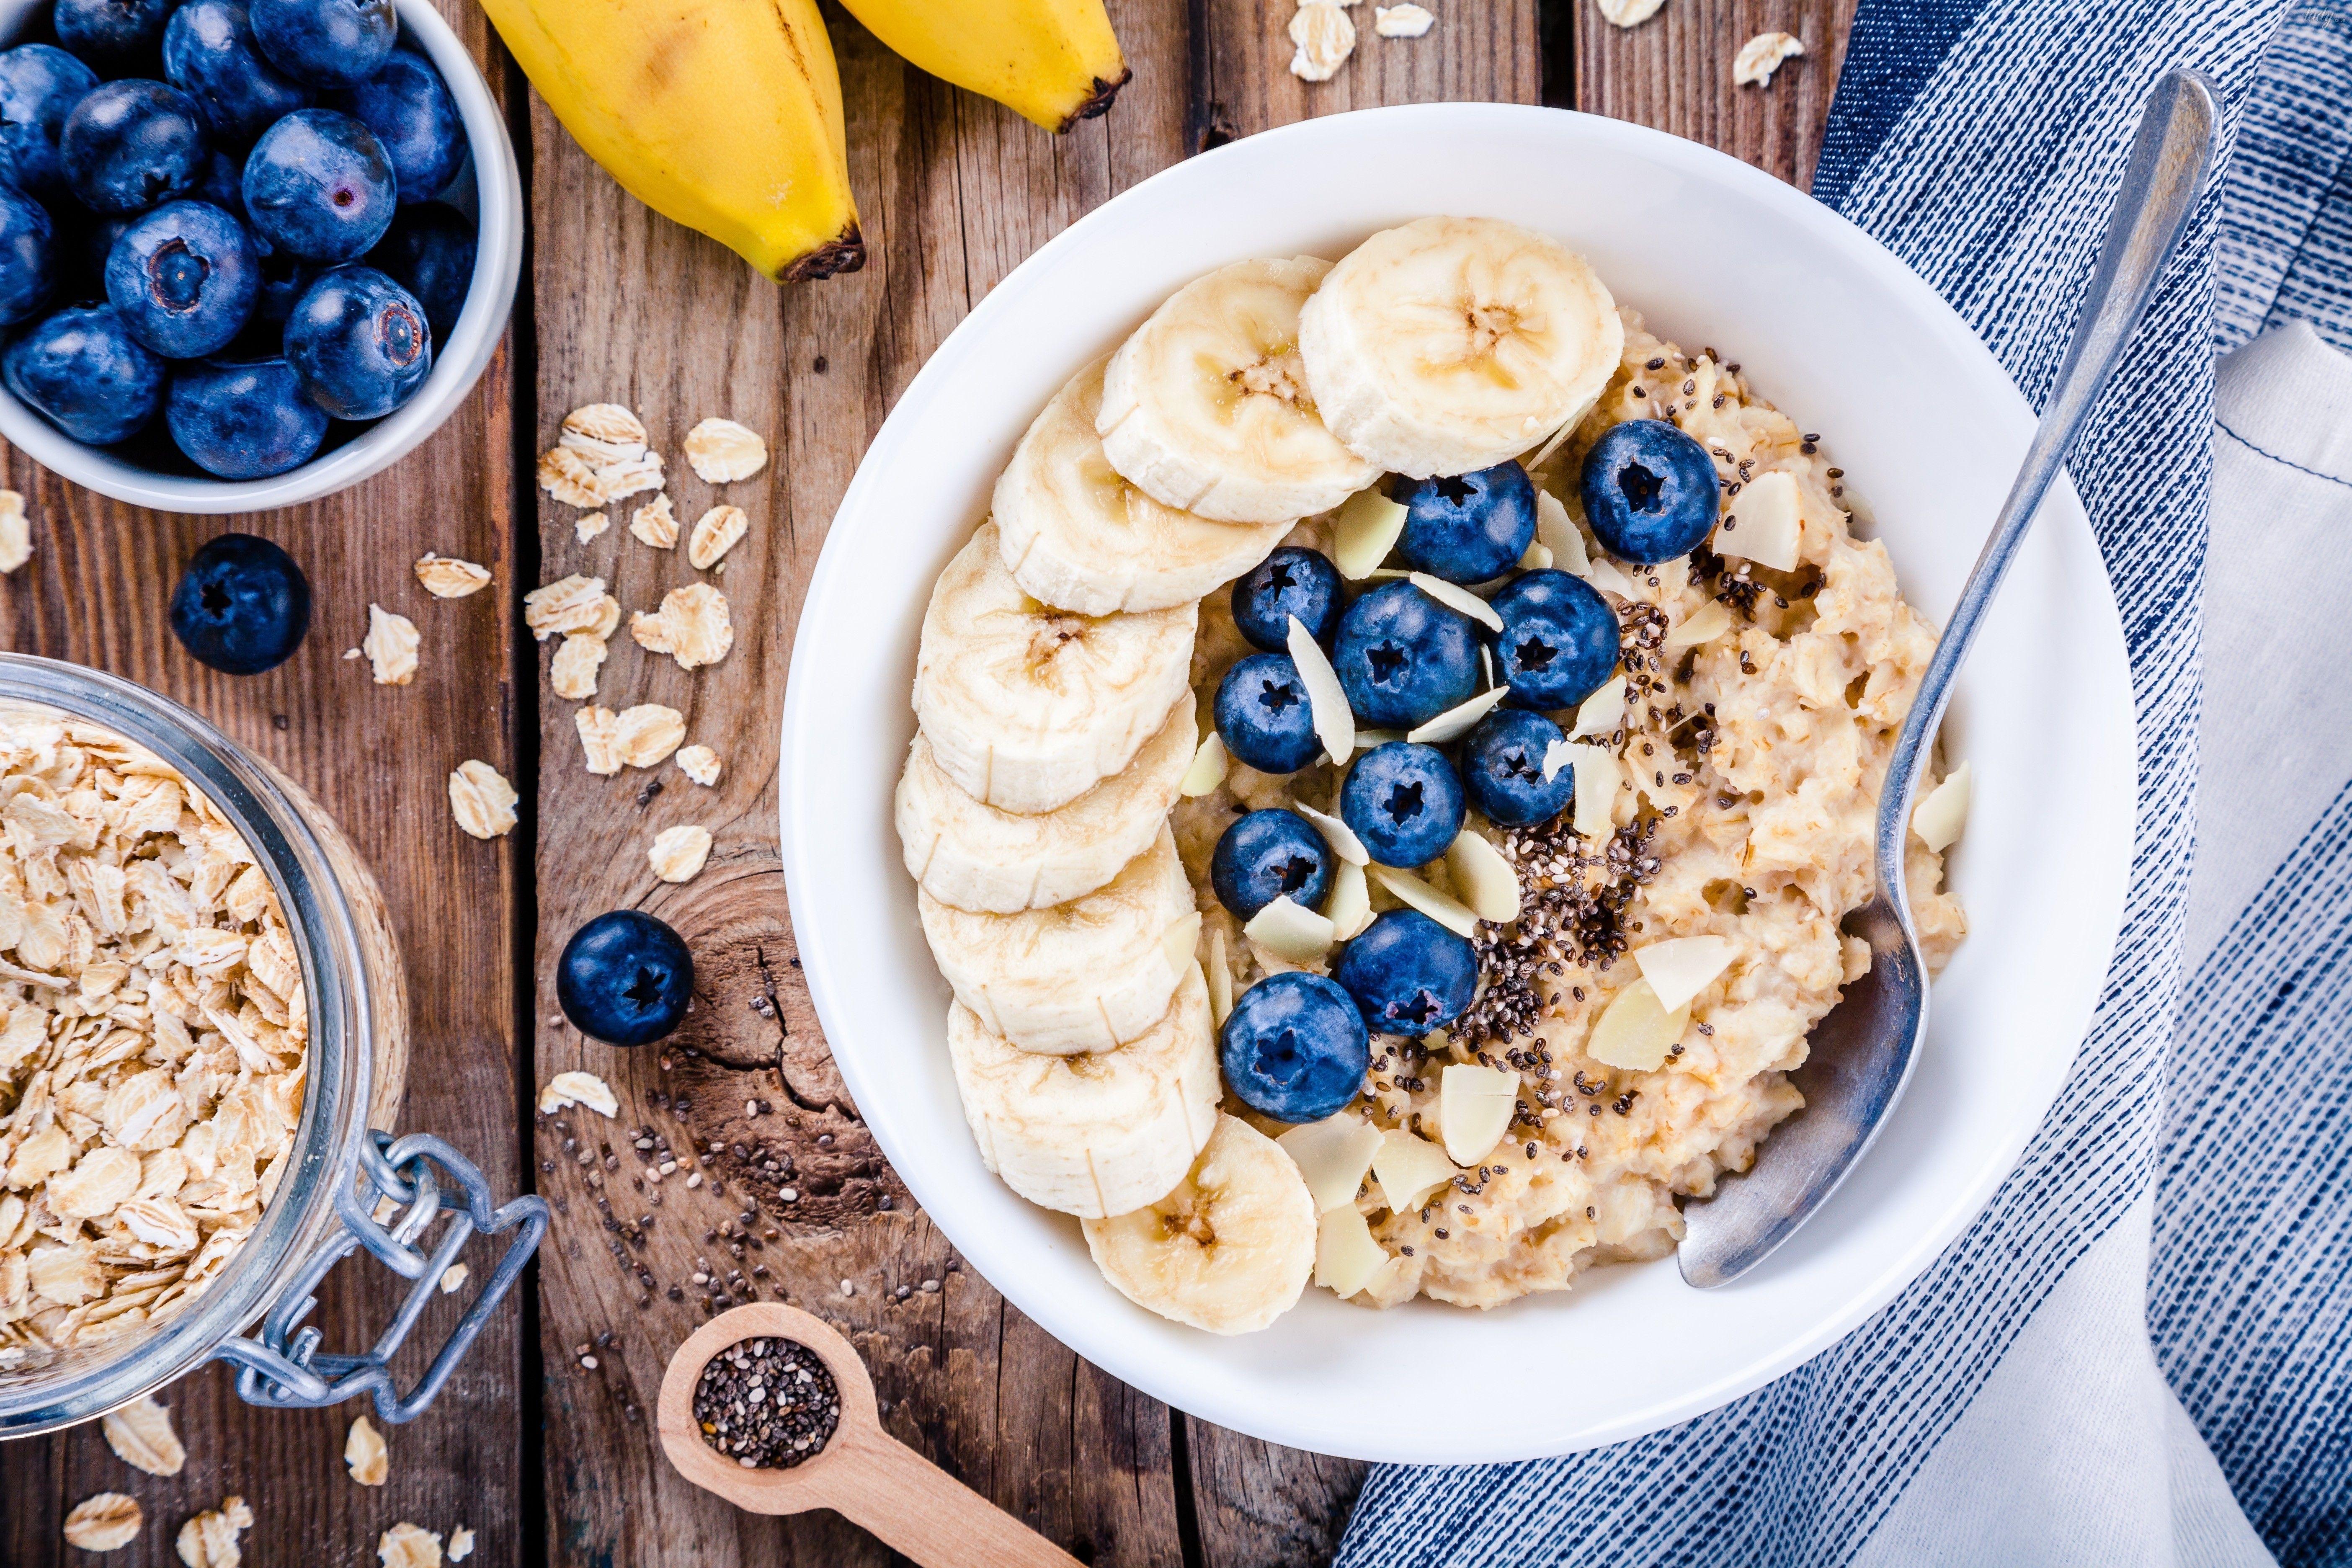 веда, завтраки_1